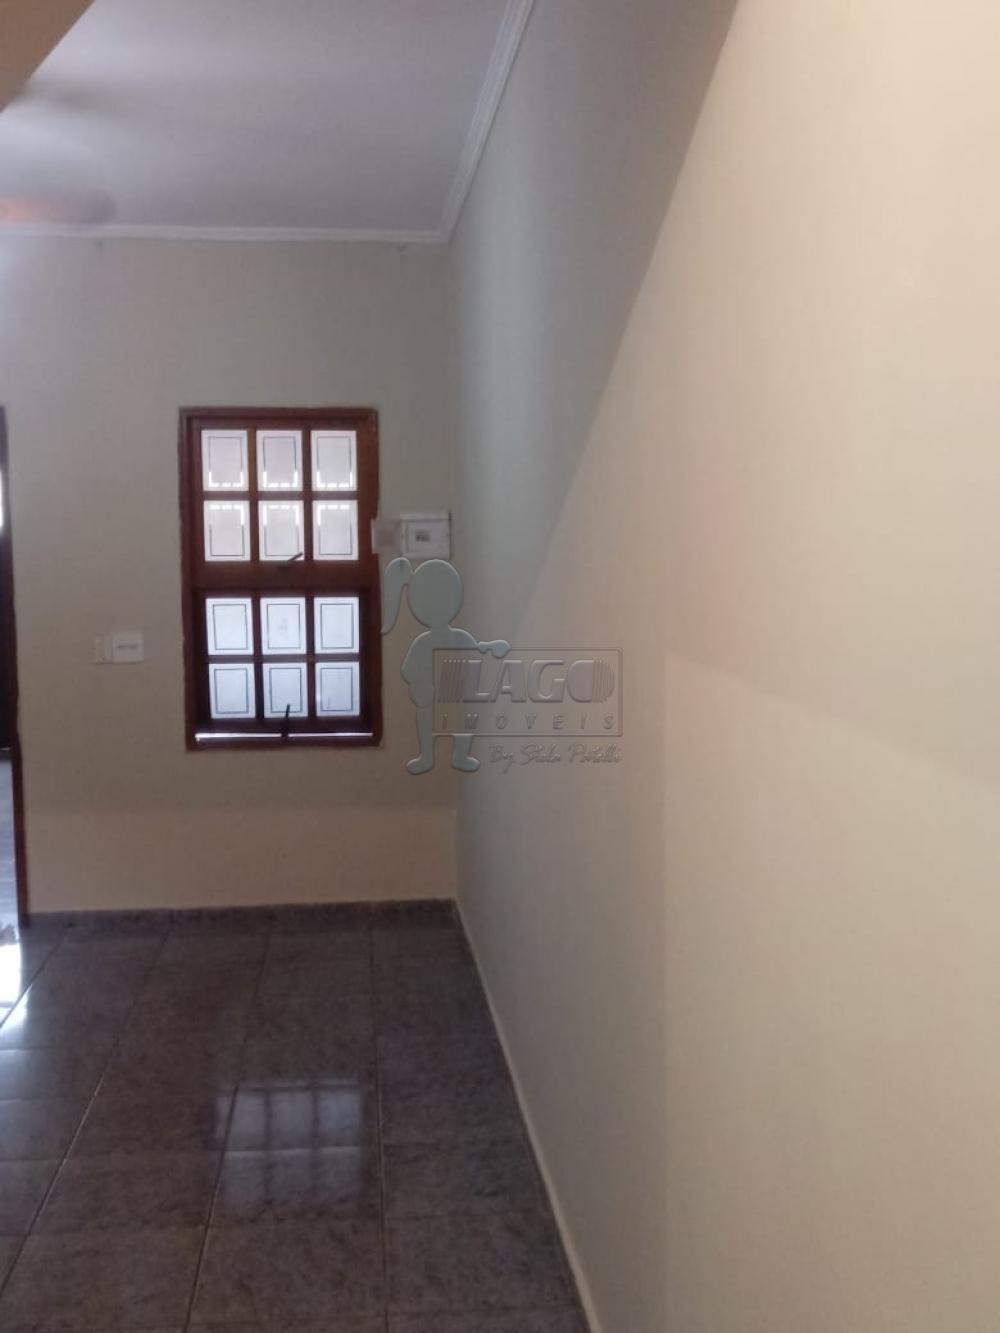 Comprar Casas / Padrão em Ribeirão Preto R$ 195.000,00 - Foto 9